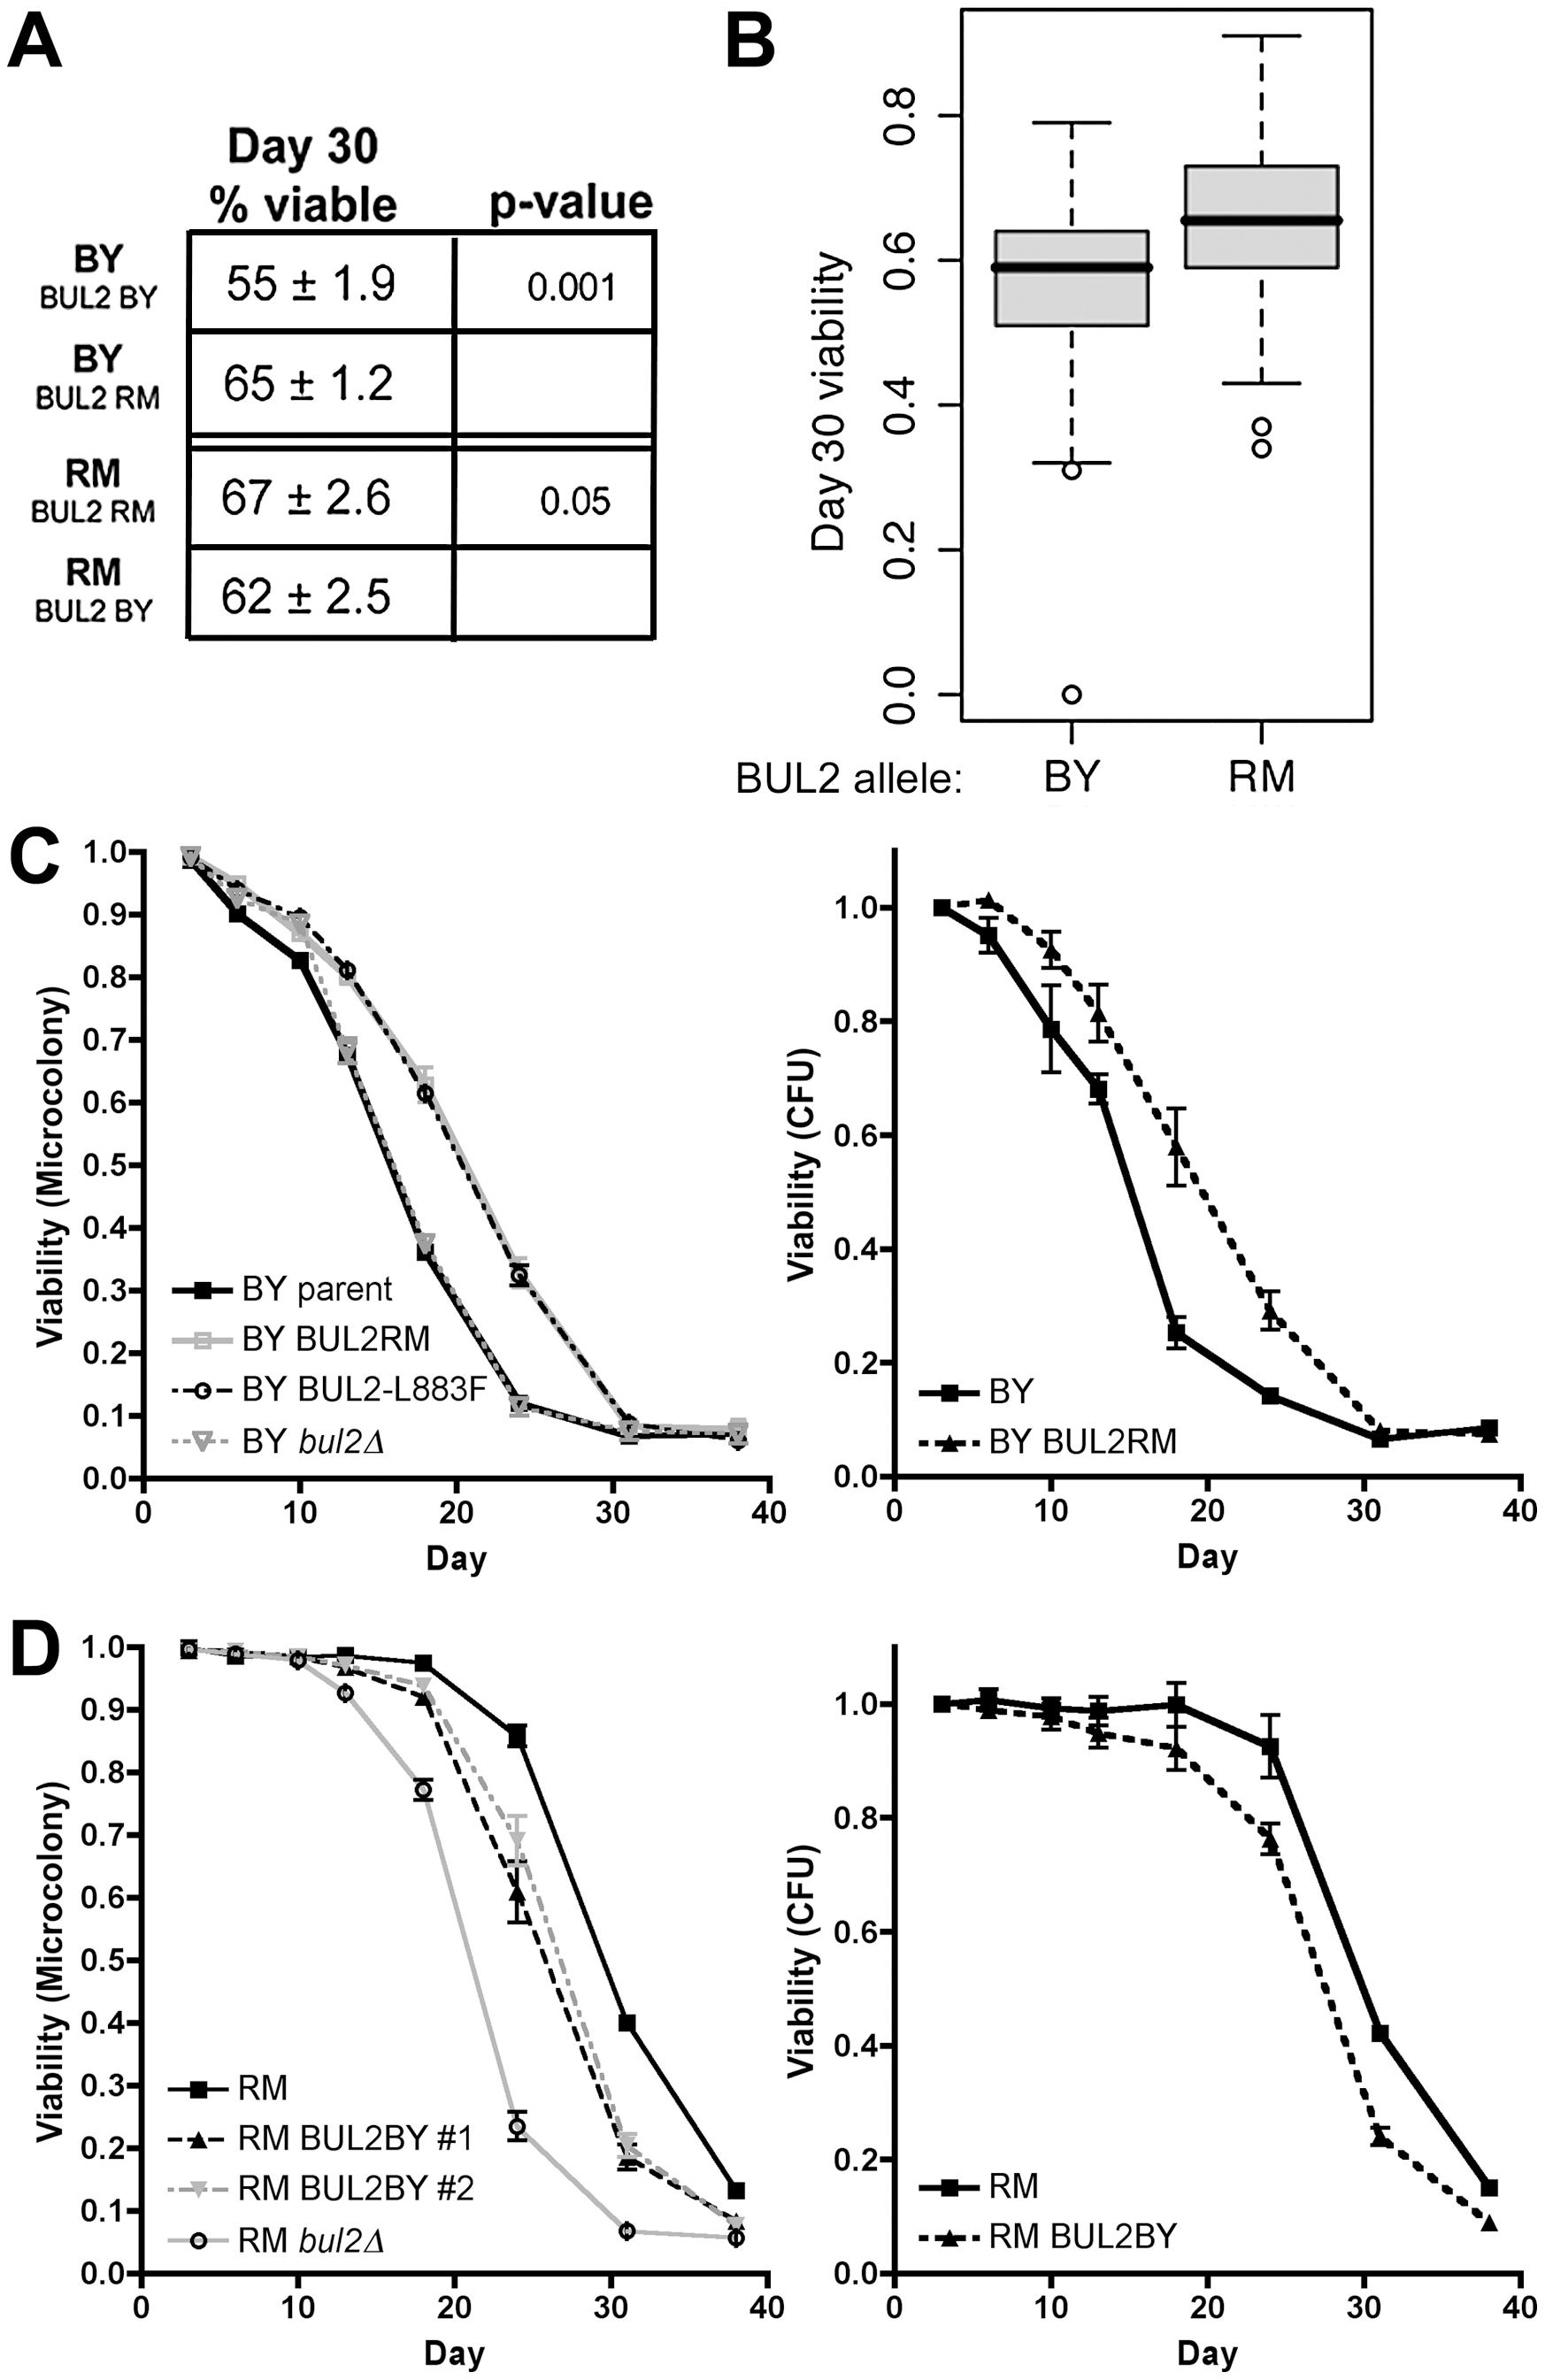 The BUL2 polymorphism regulates chronological lifespan.